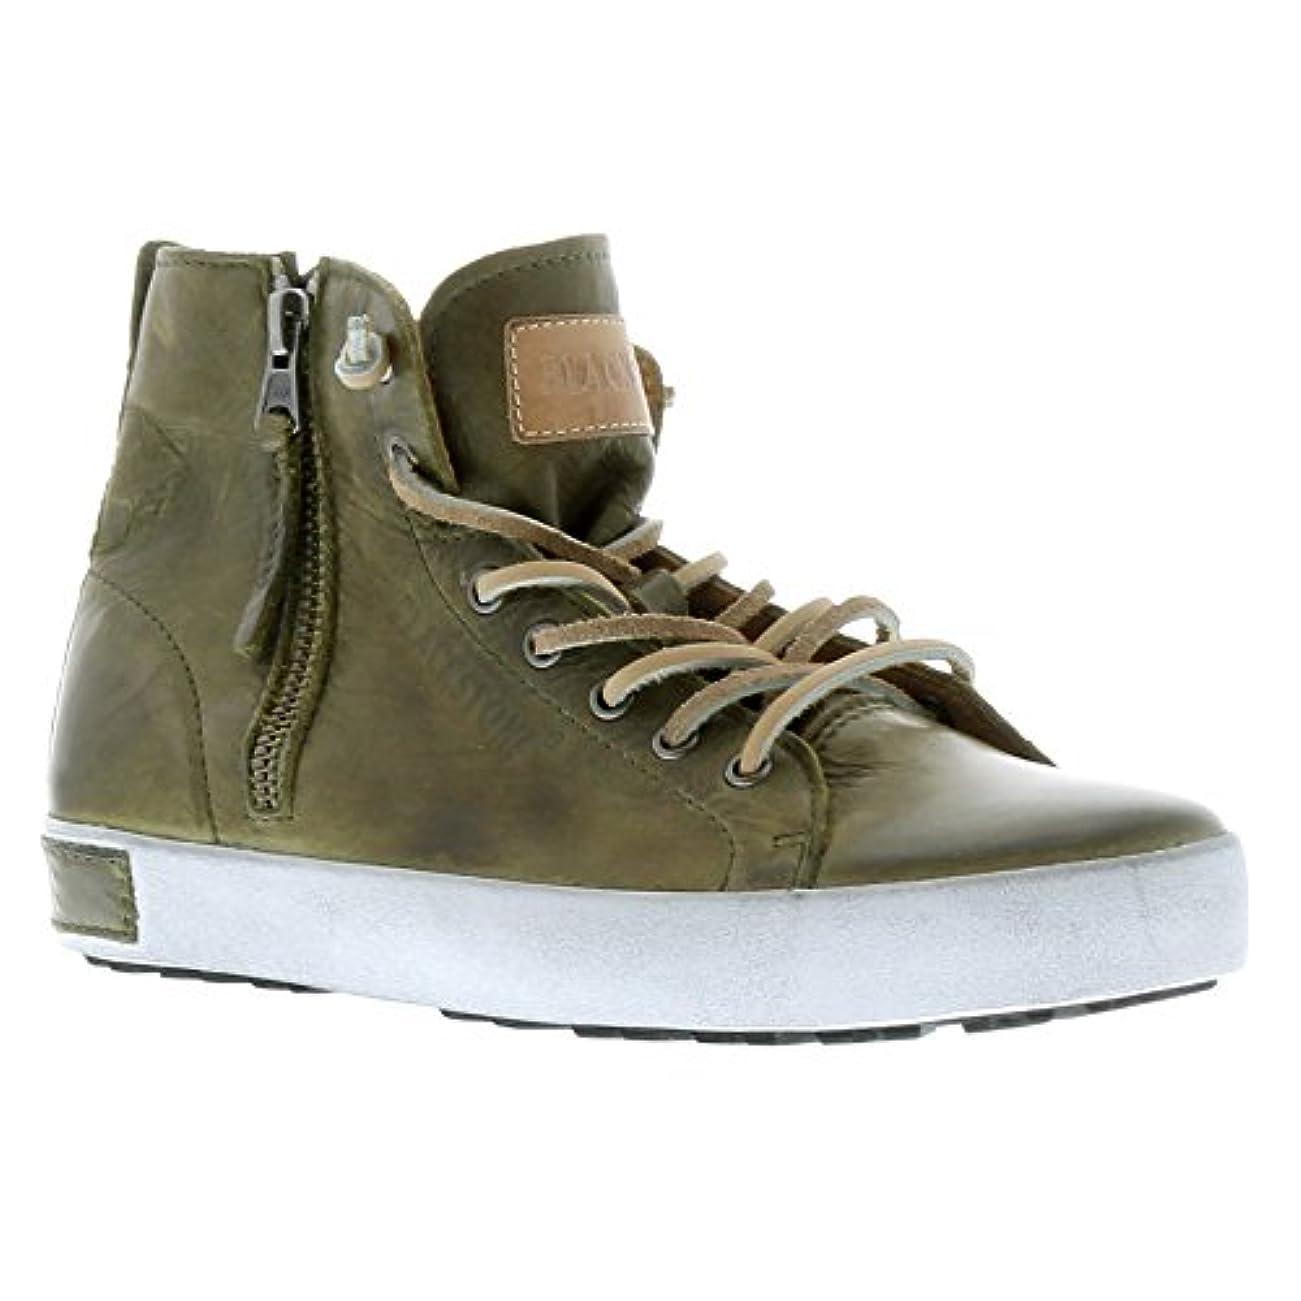 無効にするのスコアズームBlackstone Shoes レディース US サイズ: 11 B US カラー: グリーン